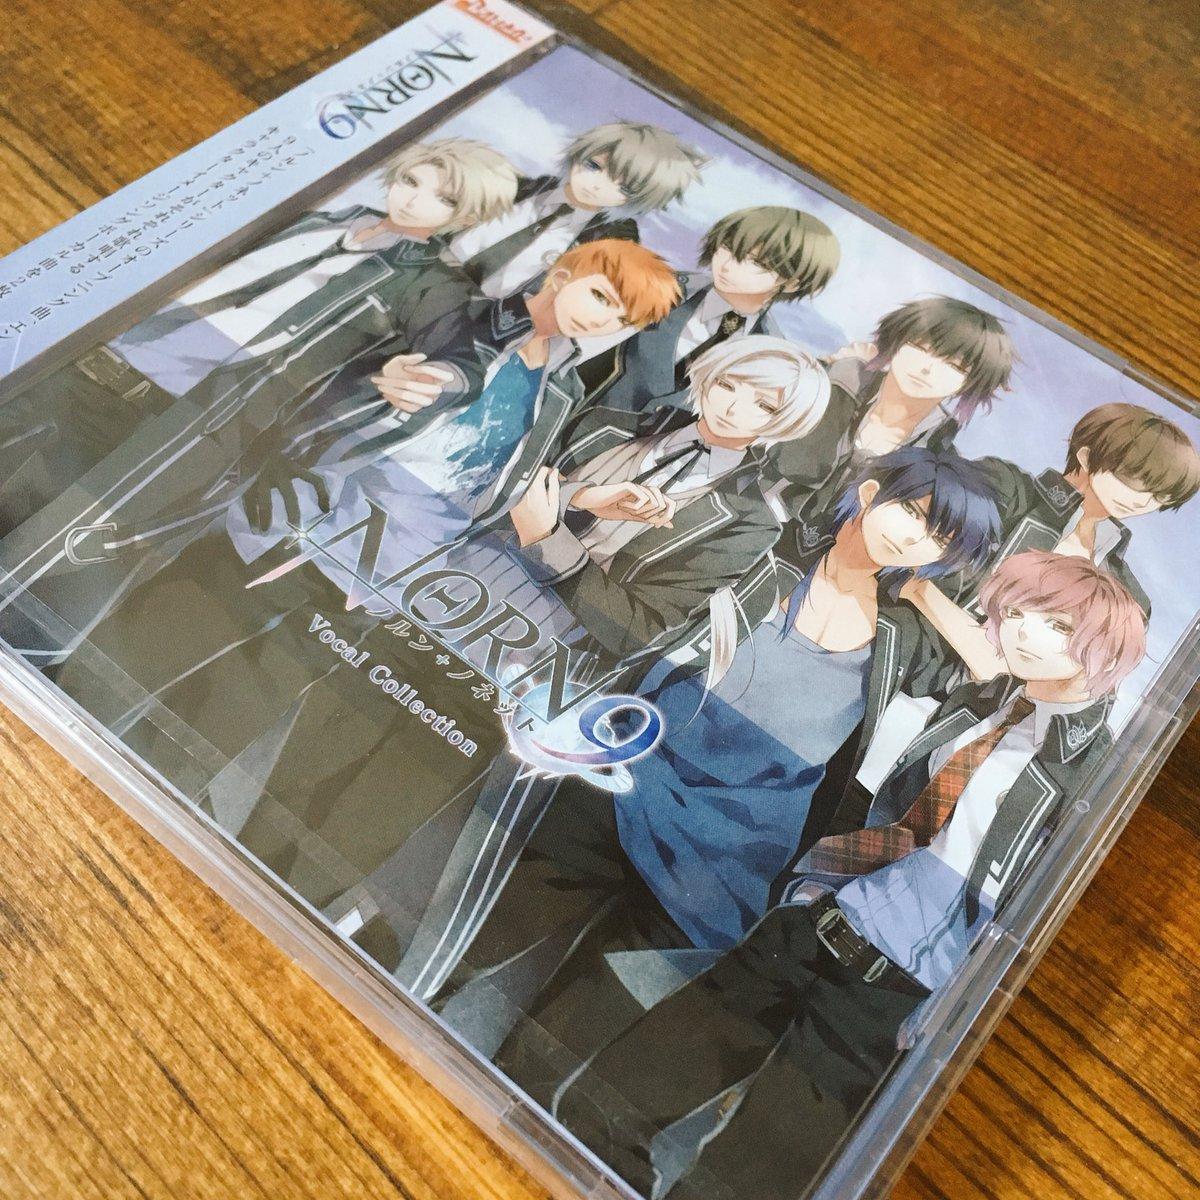 「NORN9 ノルン+ノネット Vocal Collection」本日発売です。私が歌わせて頂いた曲…